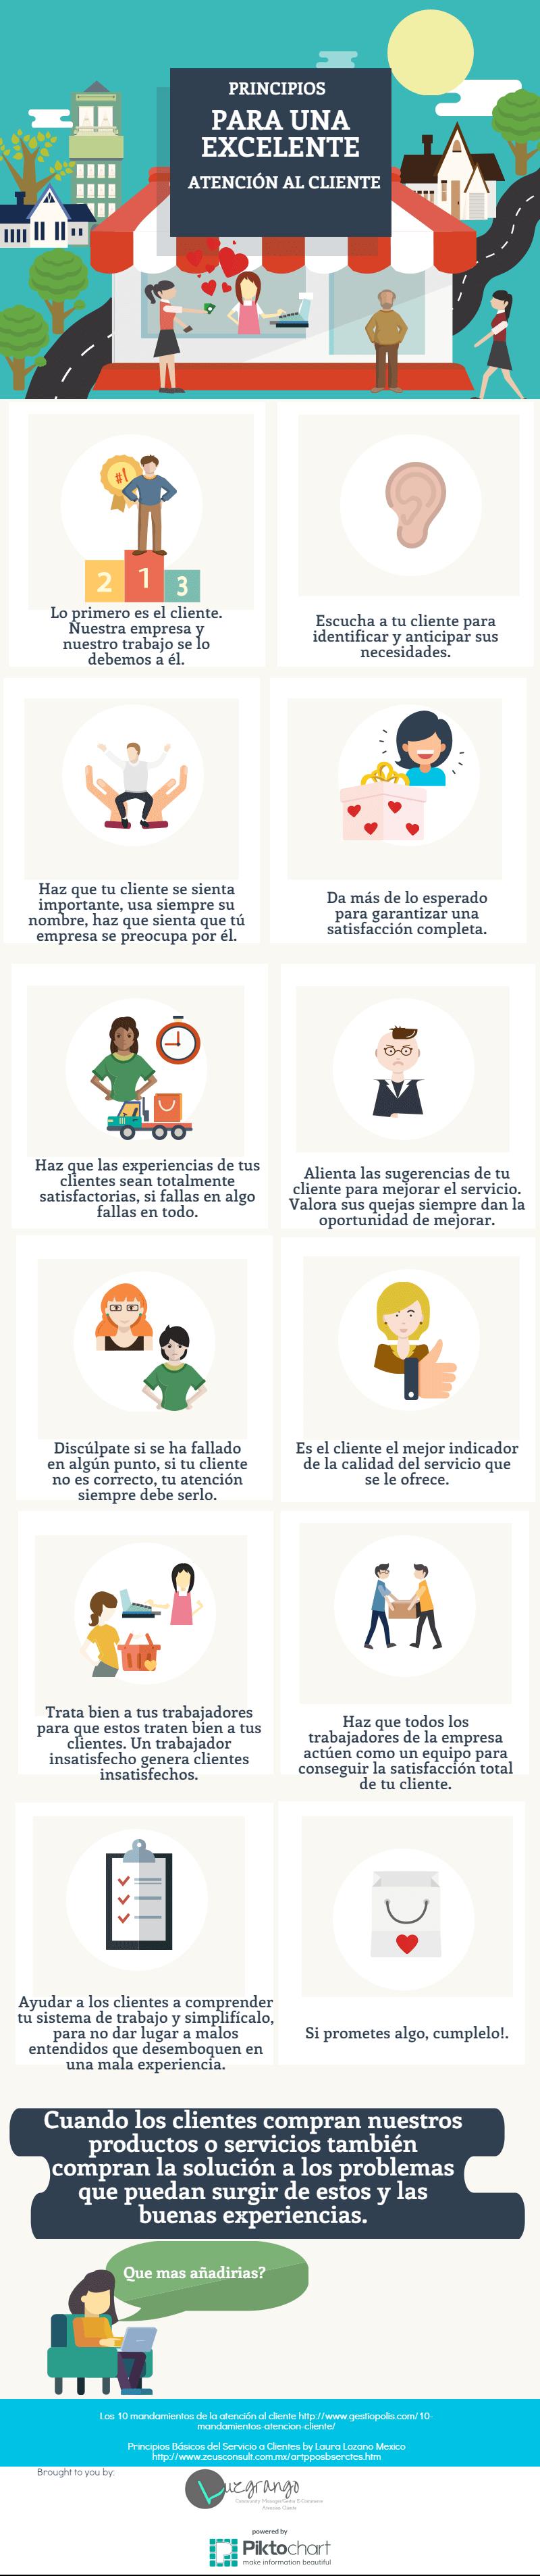 Principios básicos para una excelente Atención al Cliente #infografia #marketing